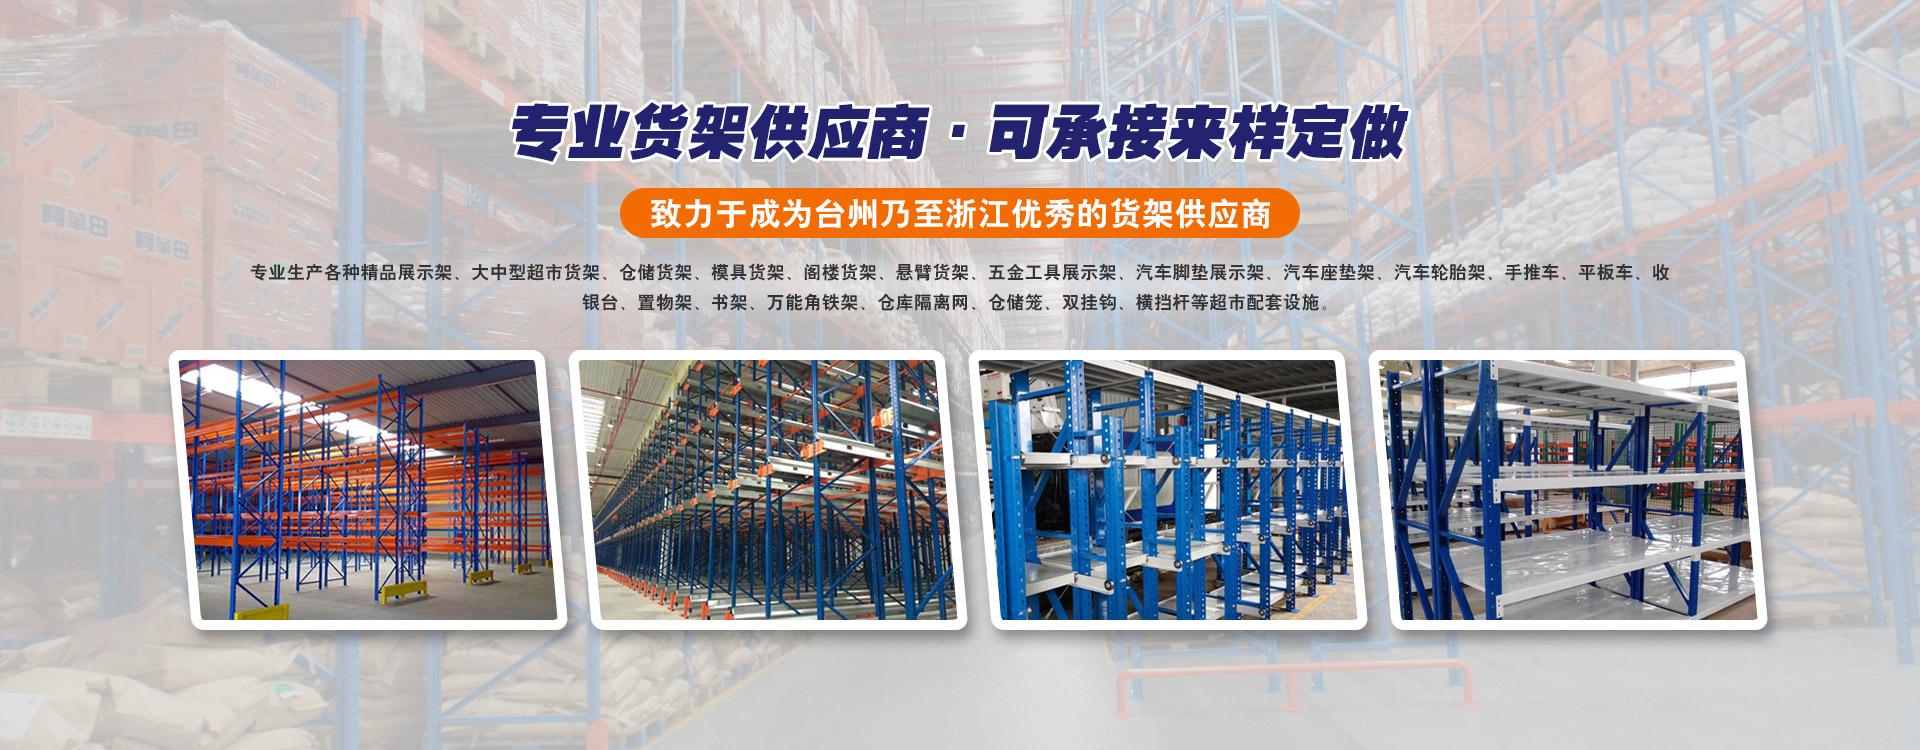 专业货架供应商 · 可承接来样定做